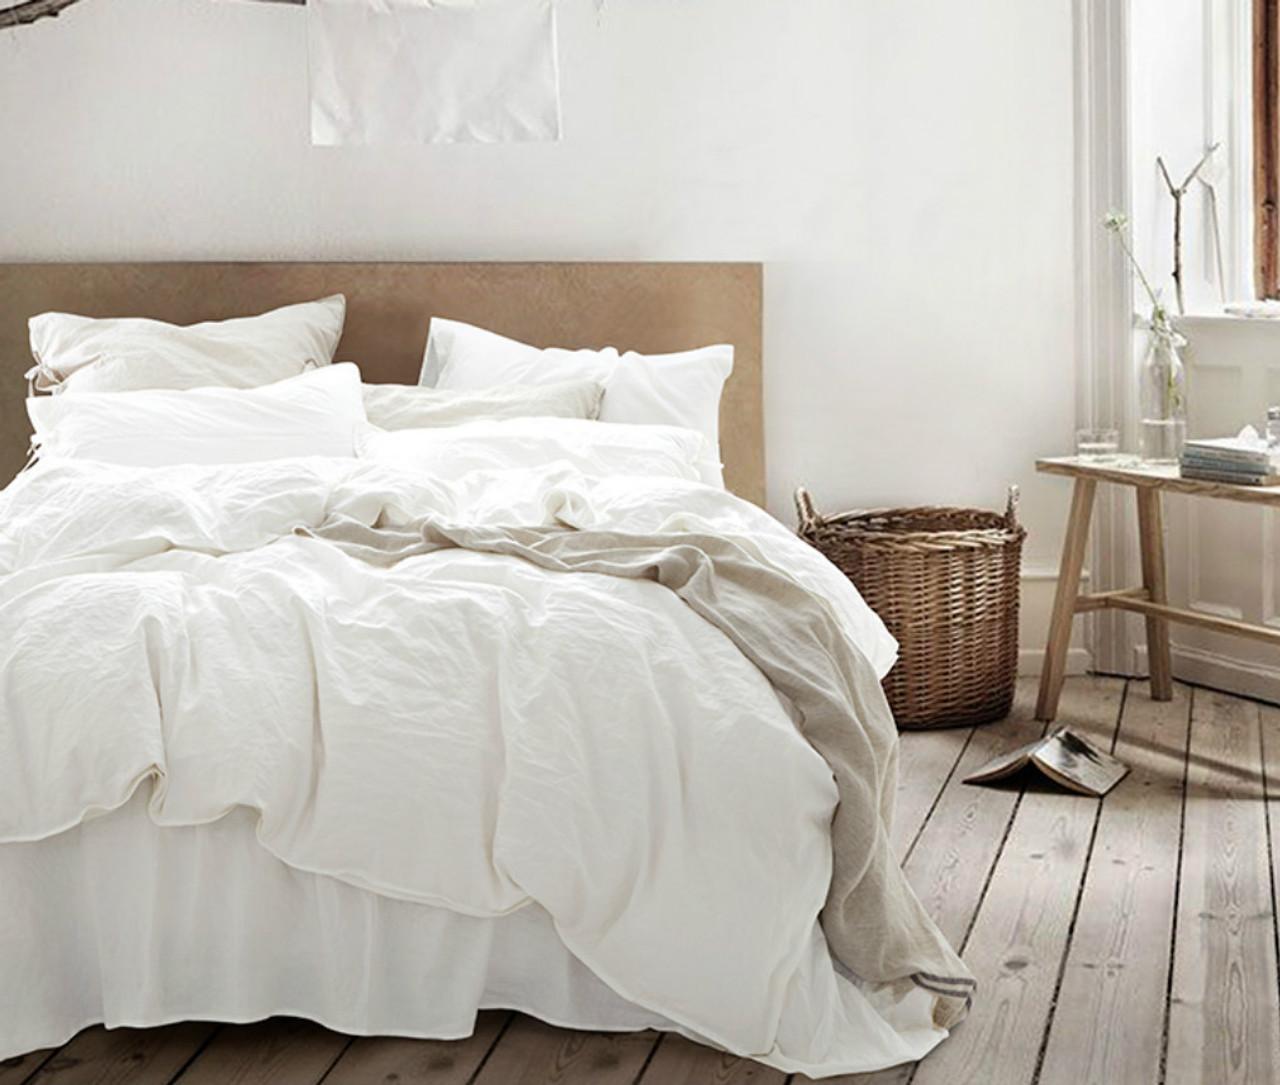 White Duvet Cover, Natural Linen, Custom Size, Queen/King/Calif